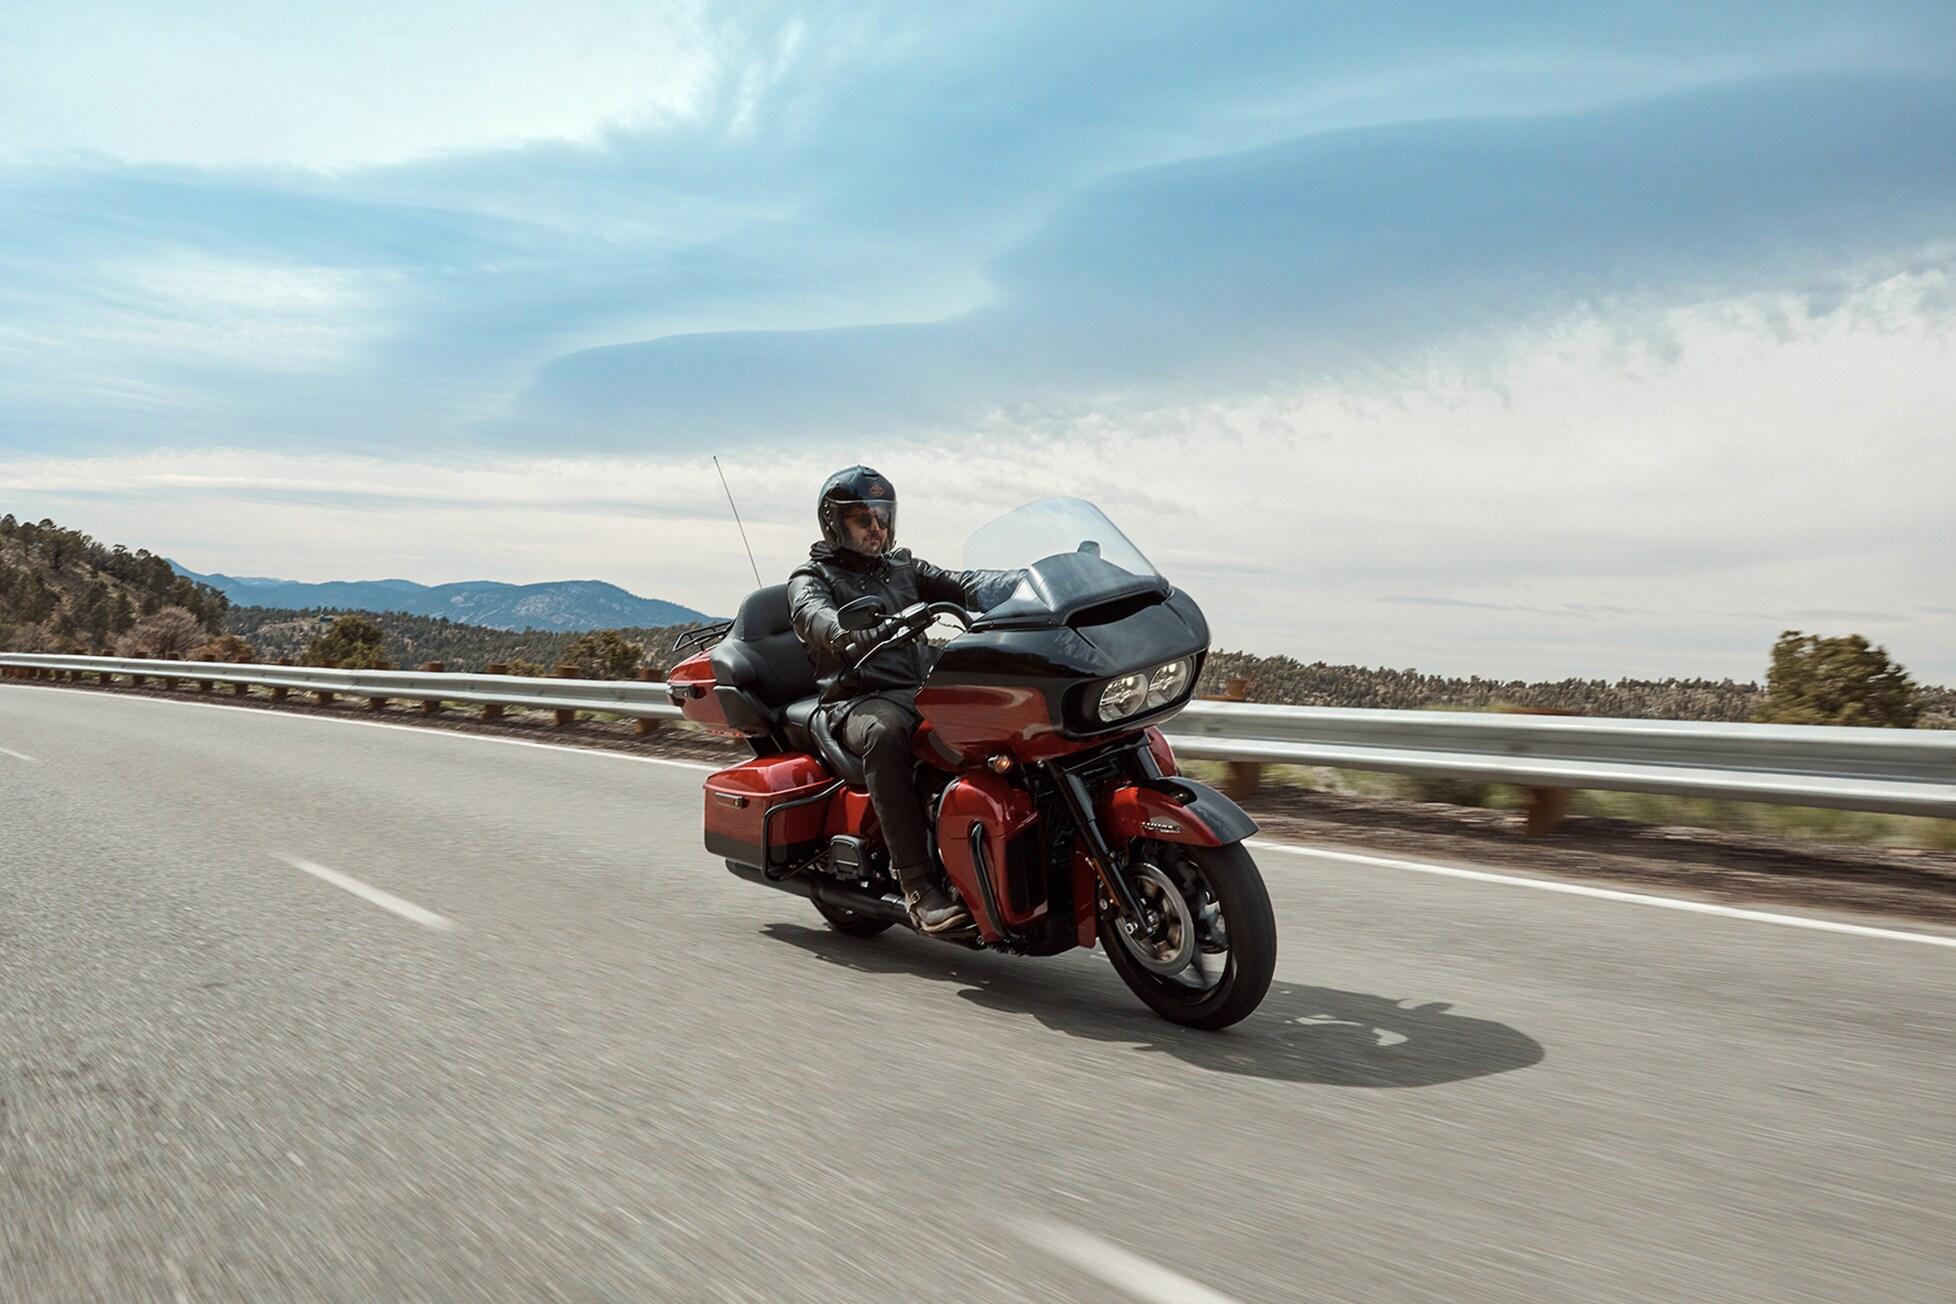 Os Sistemas Reflex™ de Pilotagem Defensiva são um novo pacote padrão e um conjunto de tecnologias projetadas para adequar o desempenho da motocicleta à tração disponível durante a aceleração, a desaceleração e a frenagem.